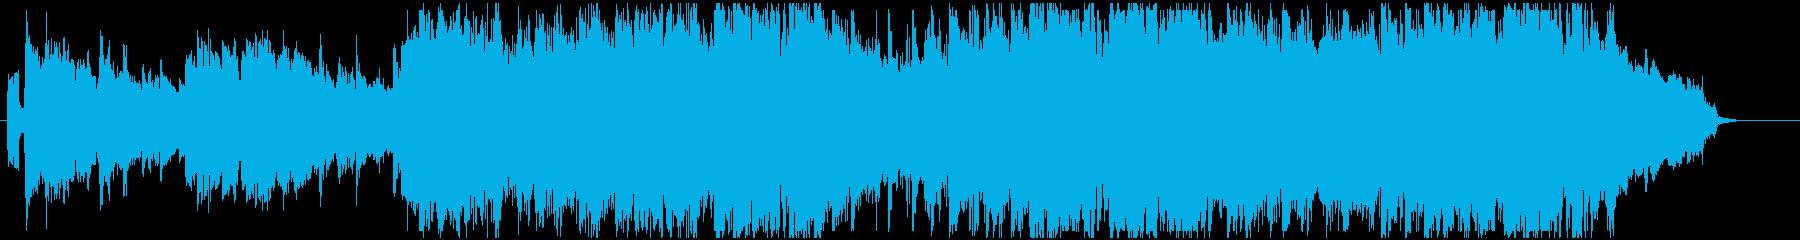 クラプトン風ギターソロに混声コーラスの再生済みの波形